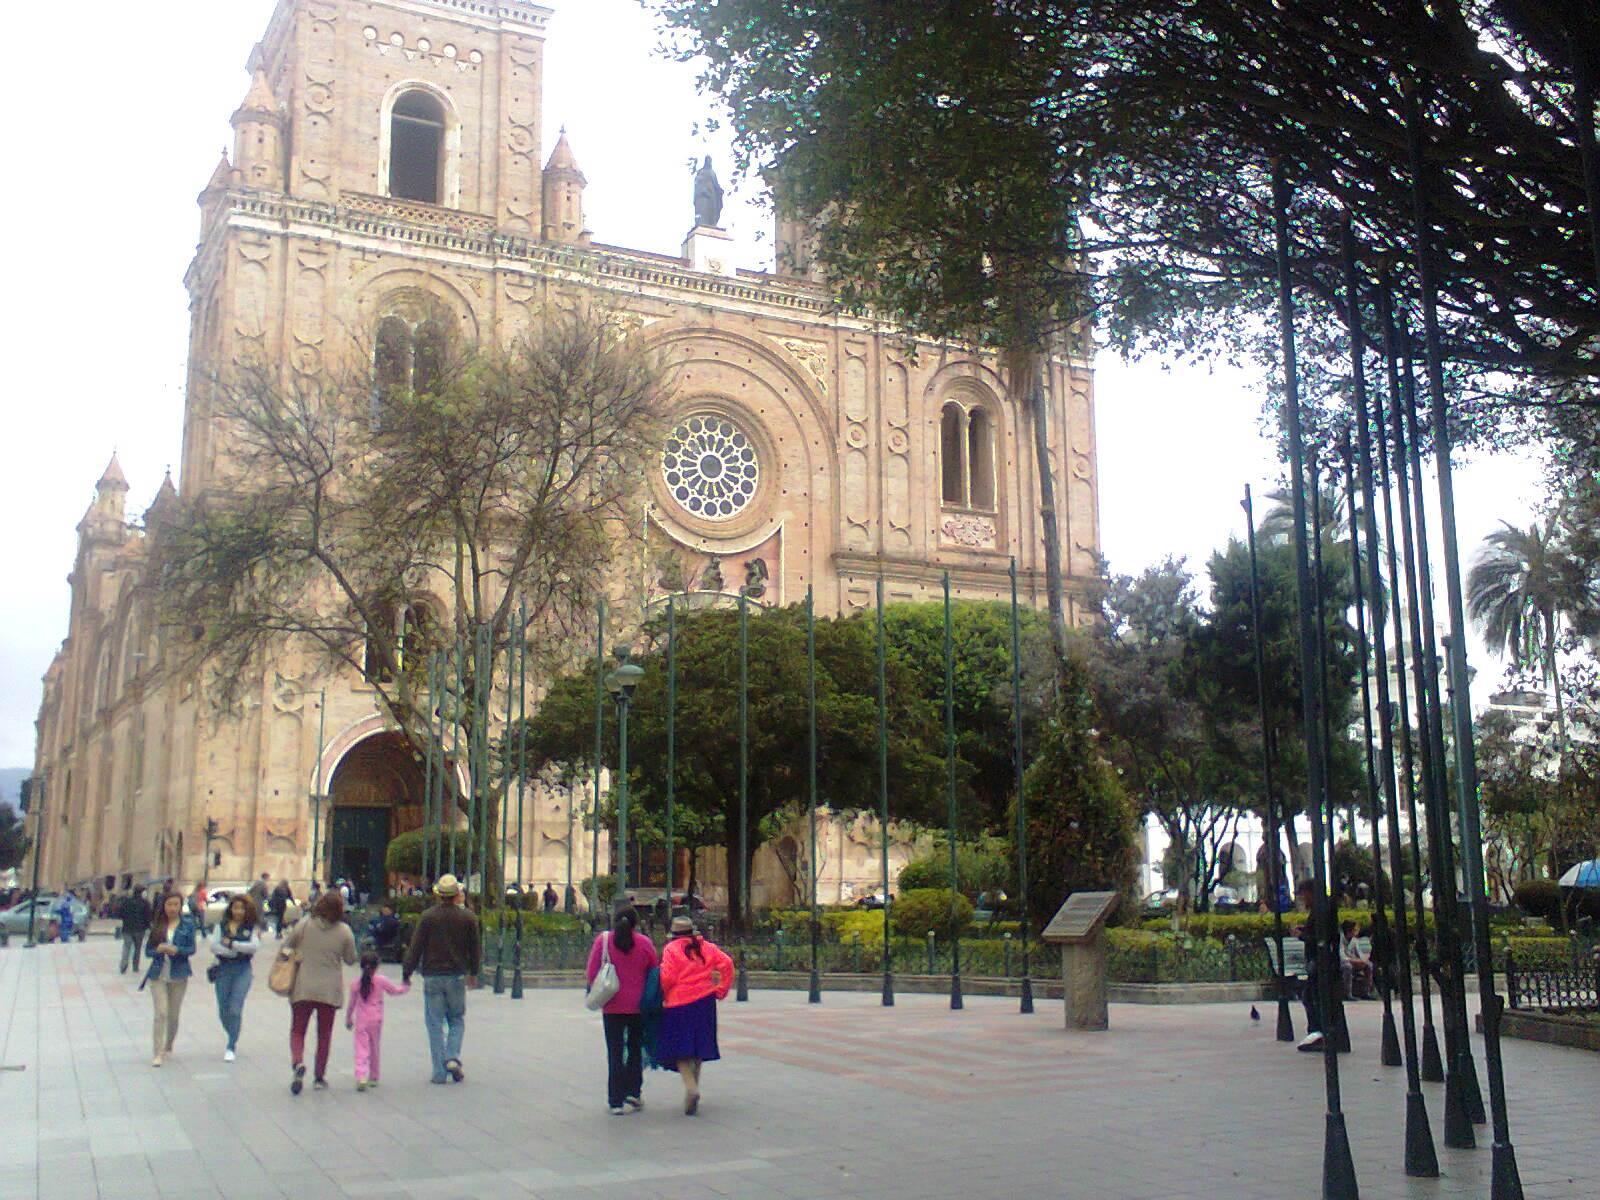 CUENCA, SIEMPRE HERMOSA Y CAUTIVADORA